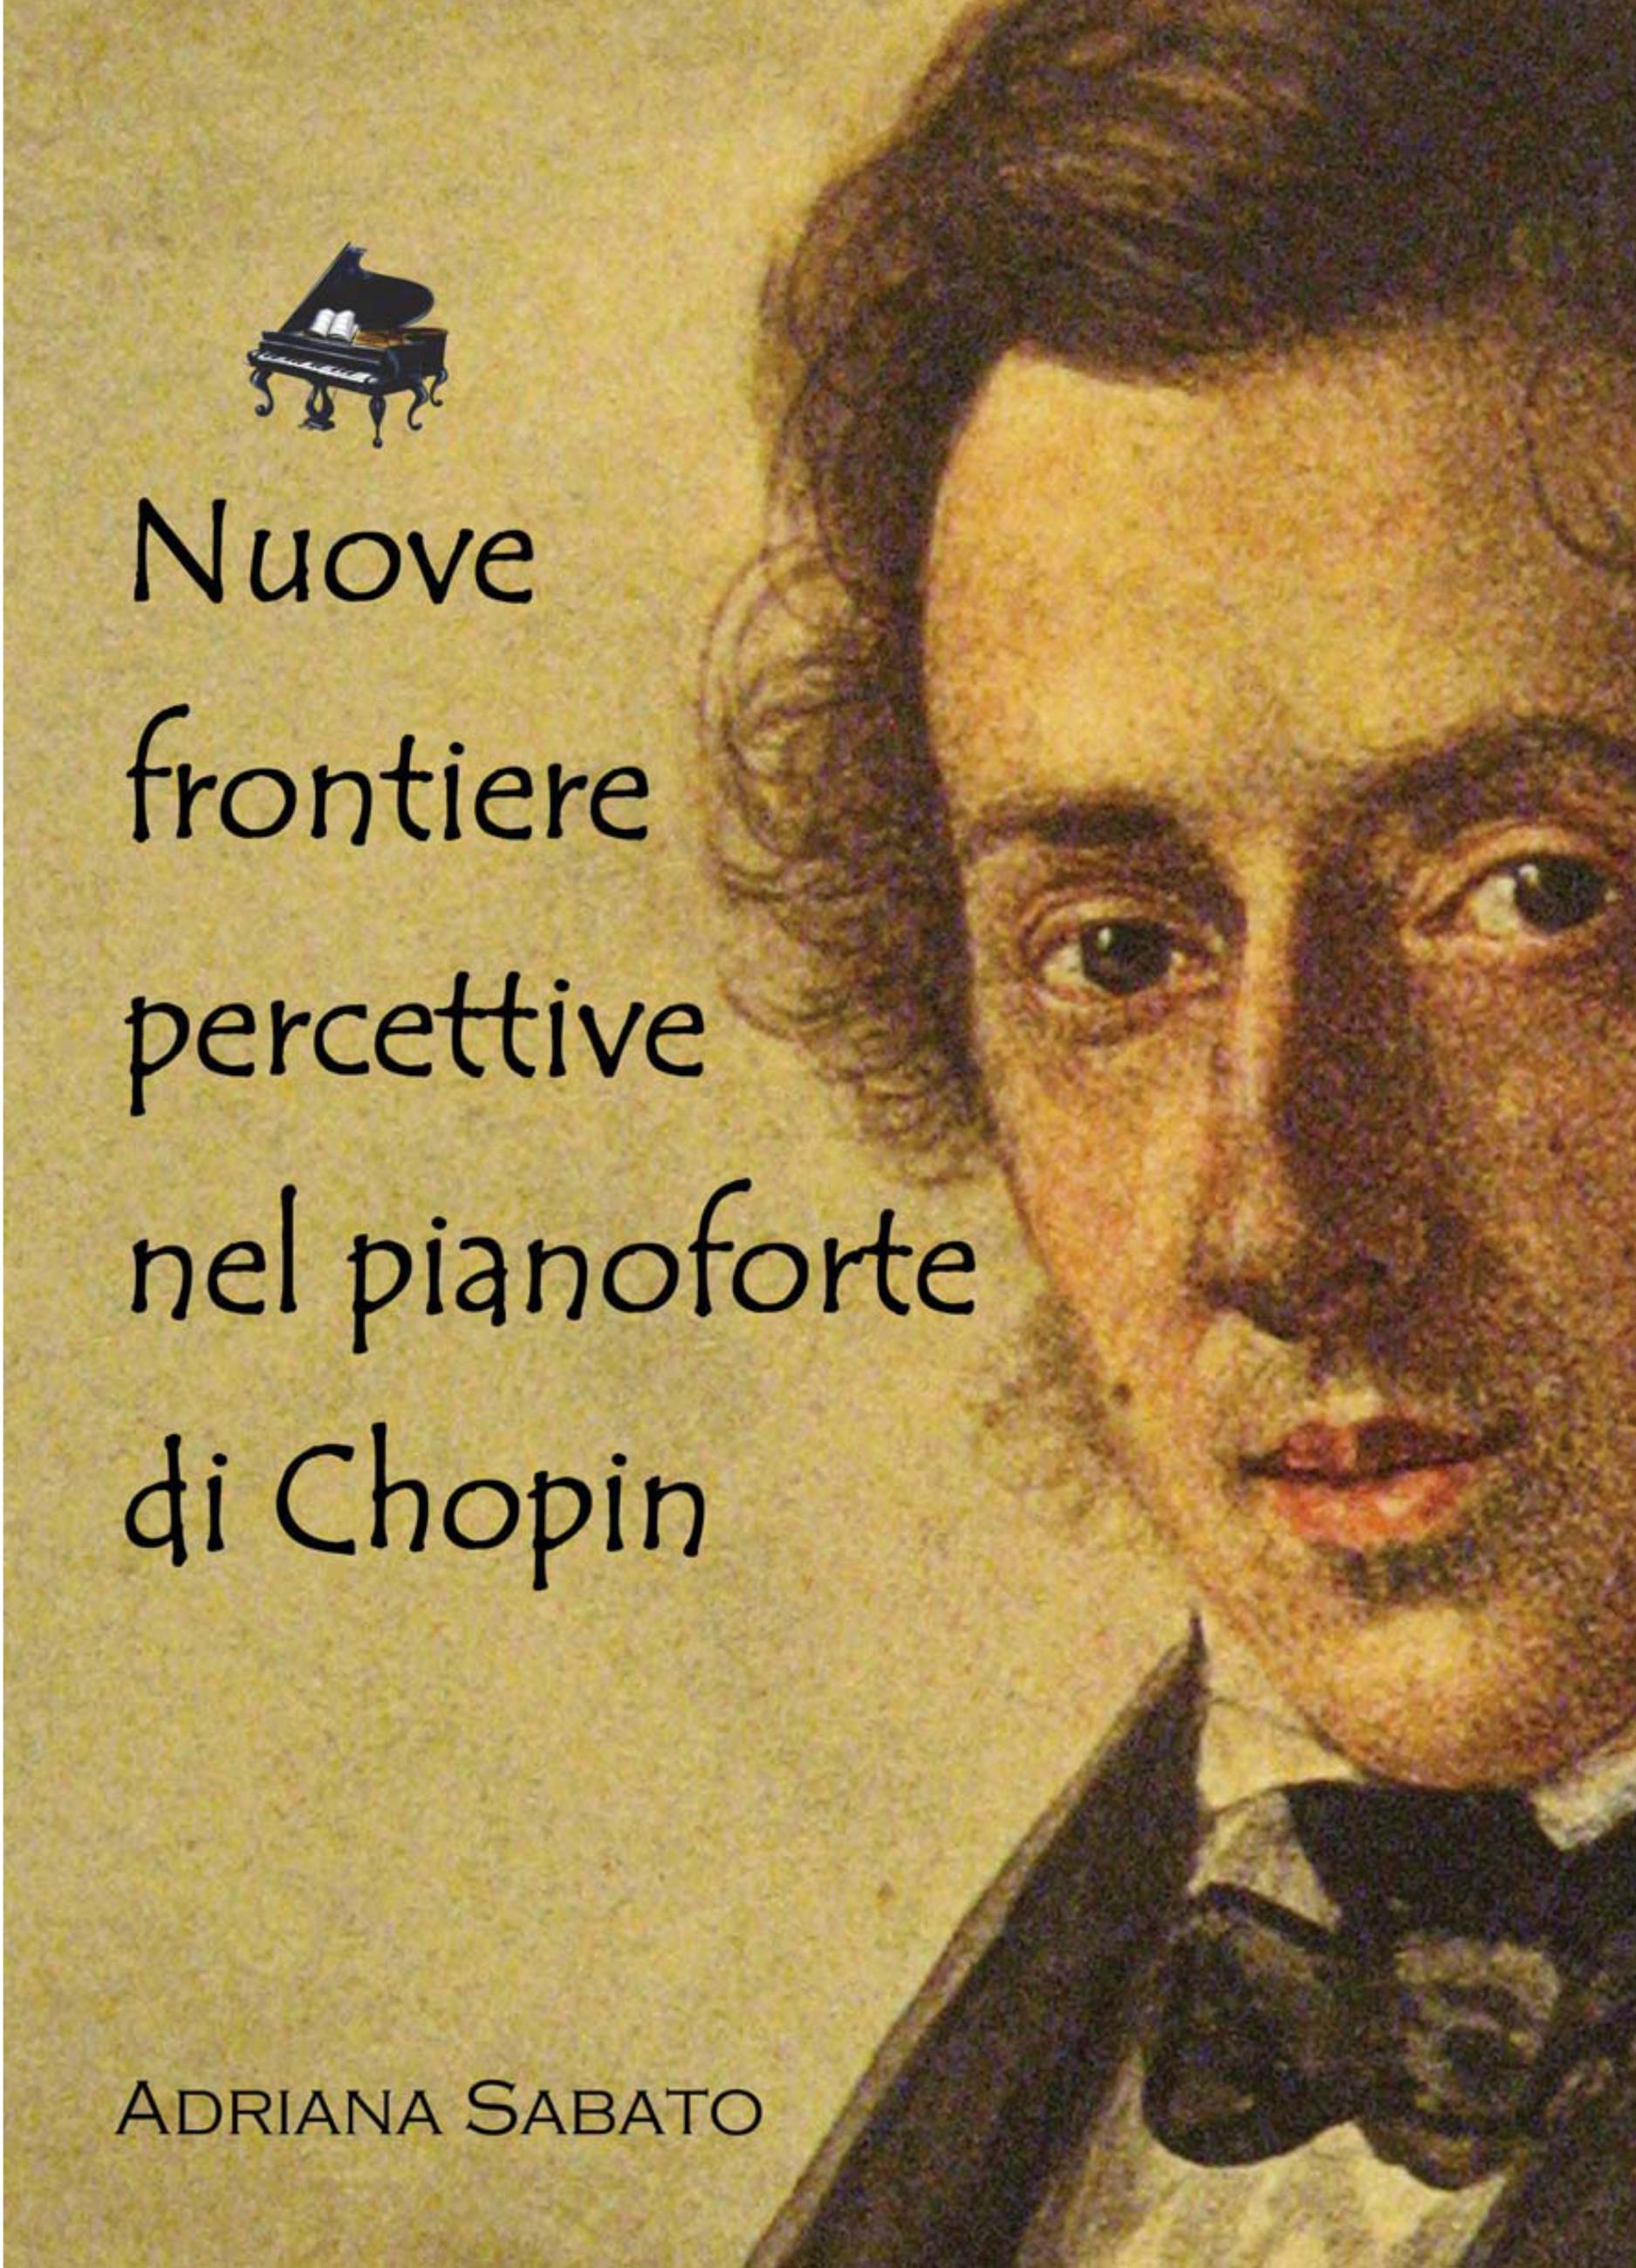 Nuove frontiere percettive nel pianoforte di Chopin